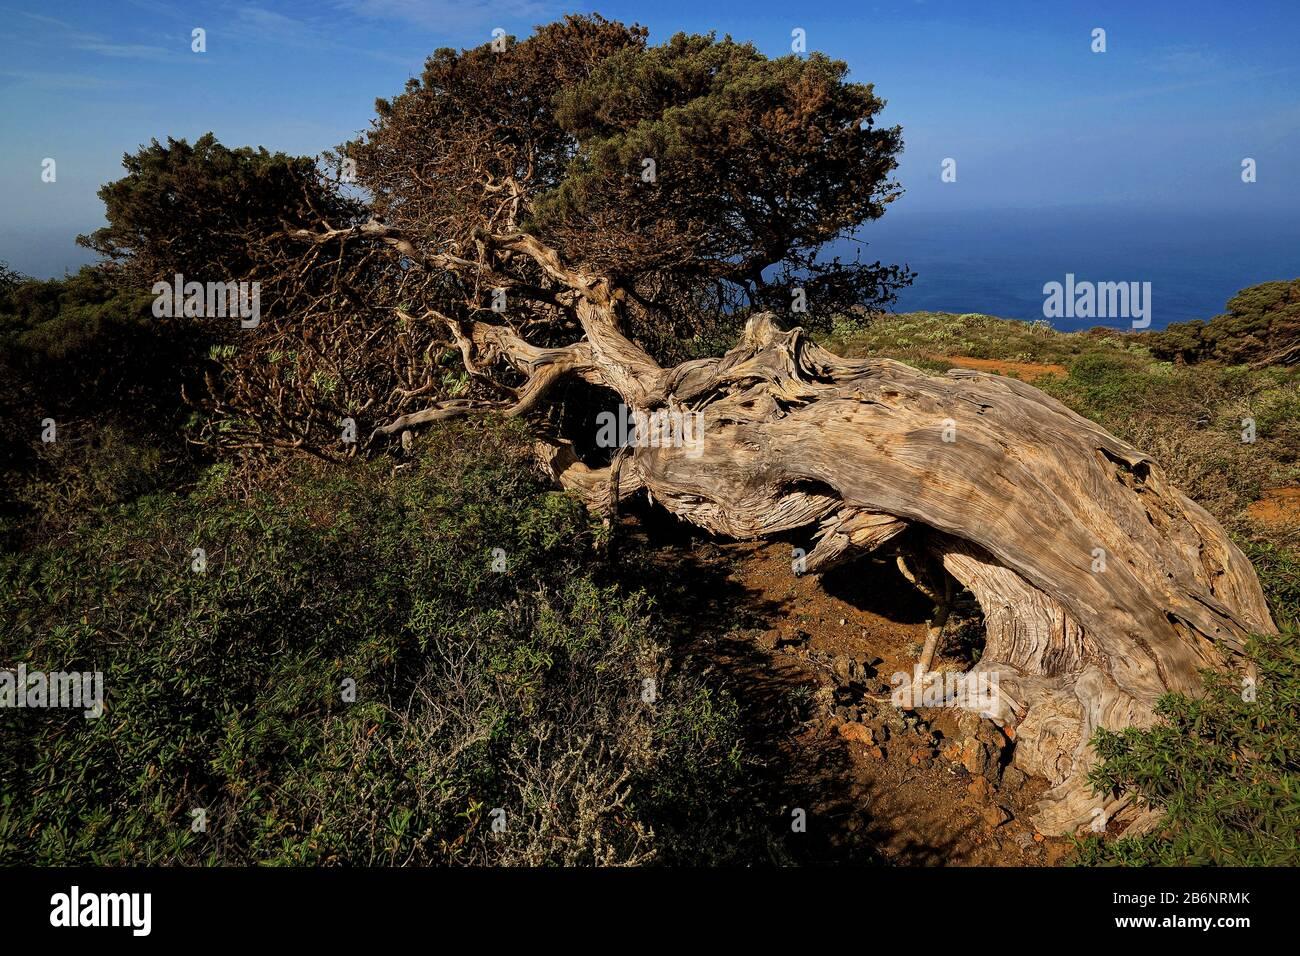 Kanarische Inseln, El Hierro, Wacholderbaum, Stock Photo